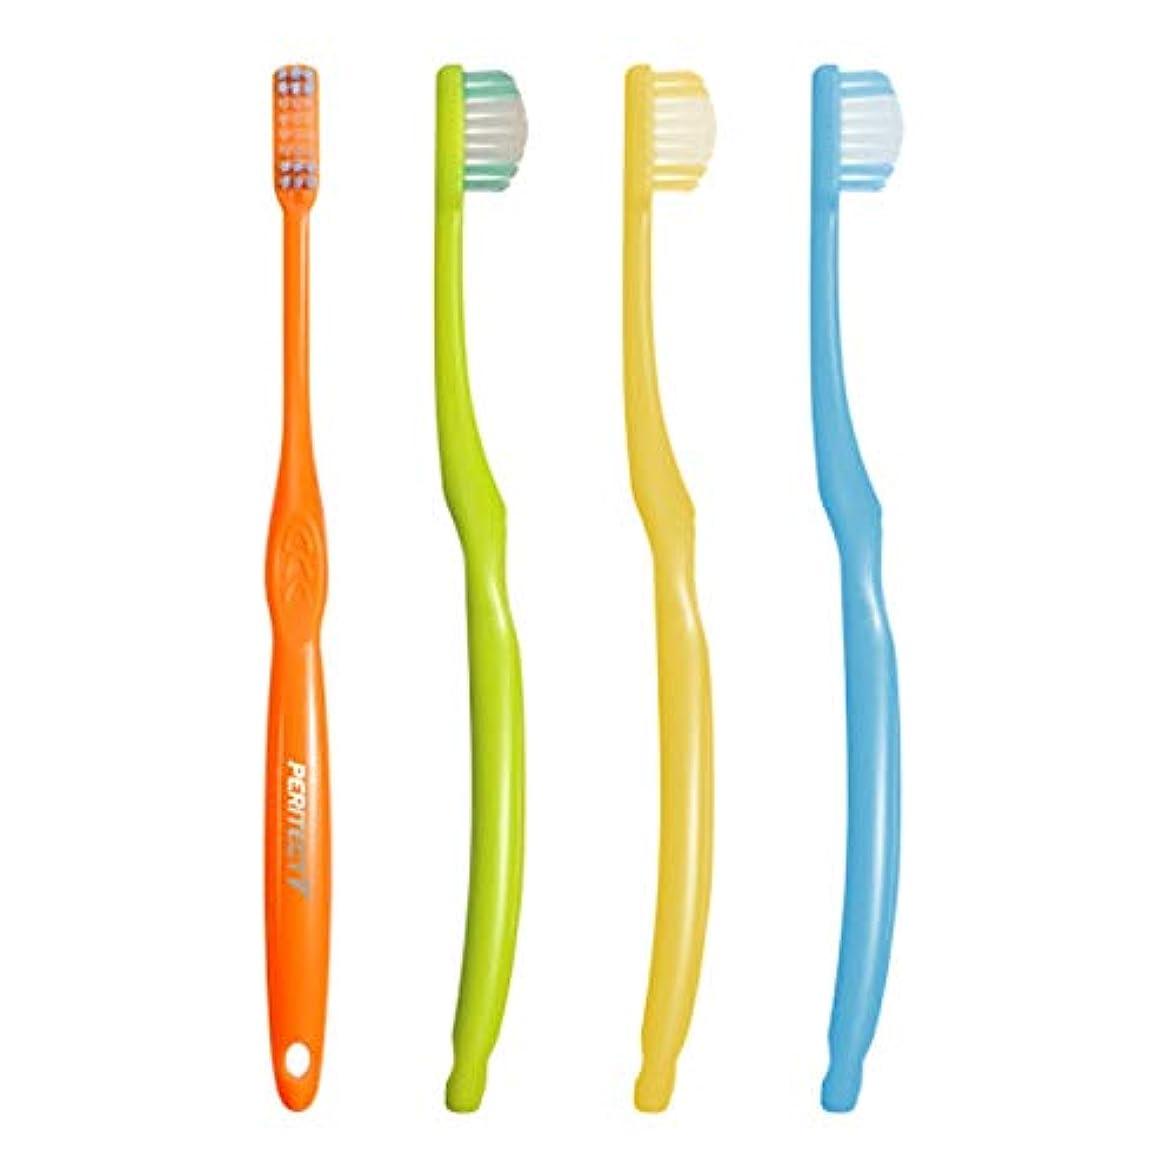 メナジェリーおめでとうクラックポットビーブランド PERITECT V ペリテクト ブイ 8M(ふつう)×1本 歯ブラシ 歯科専売品